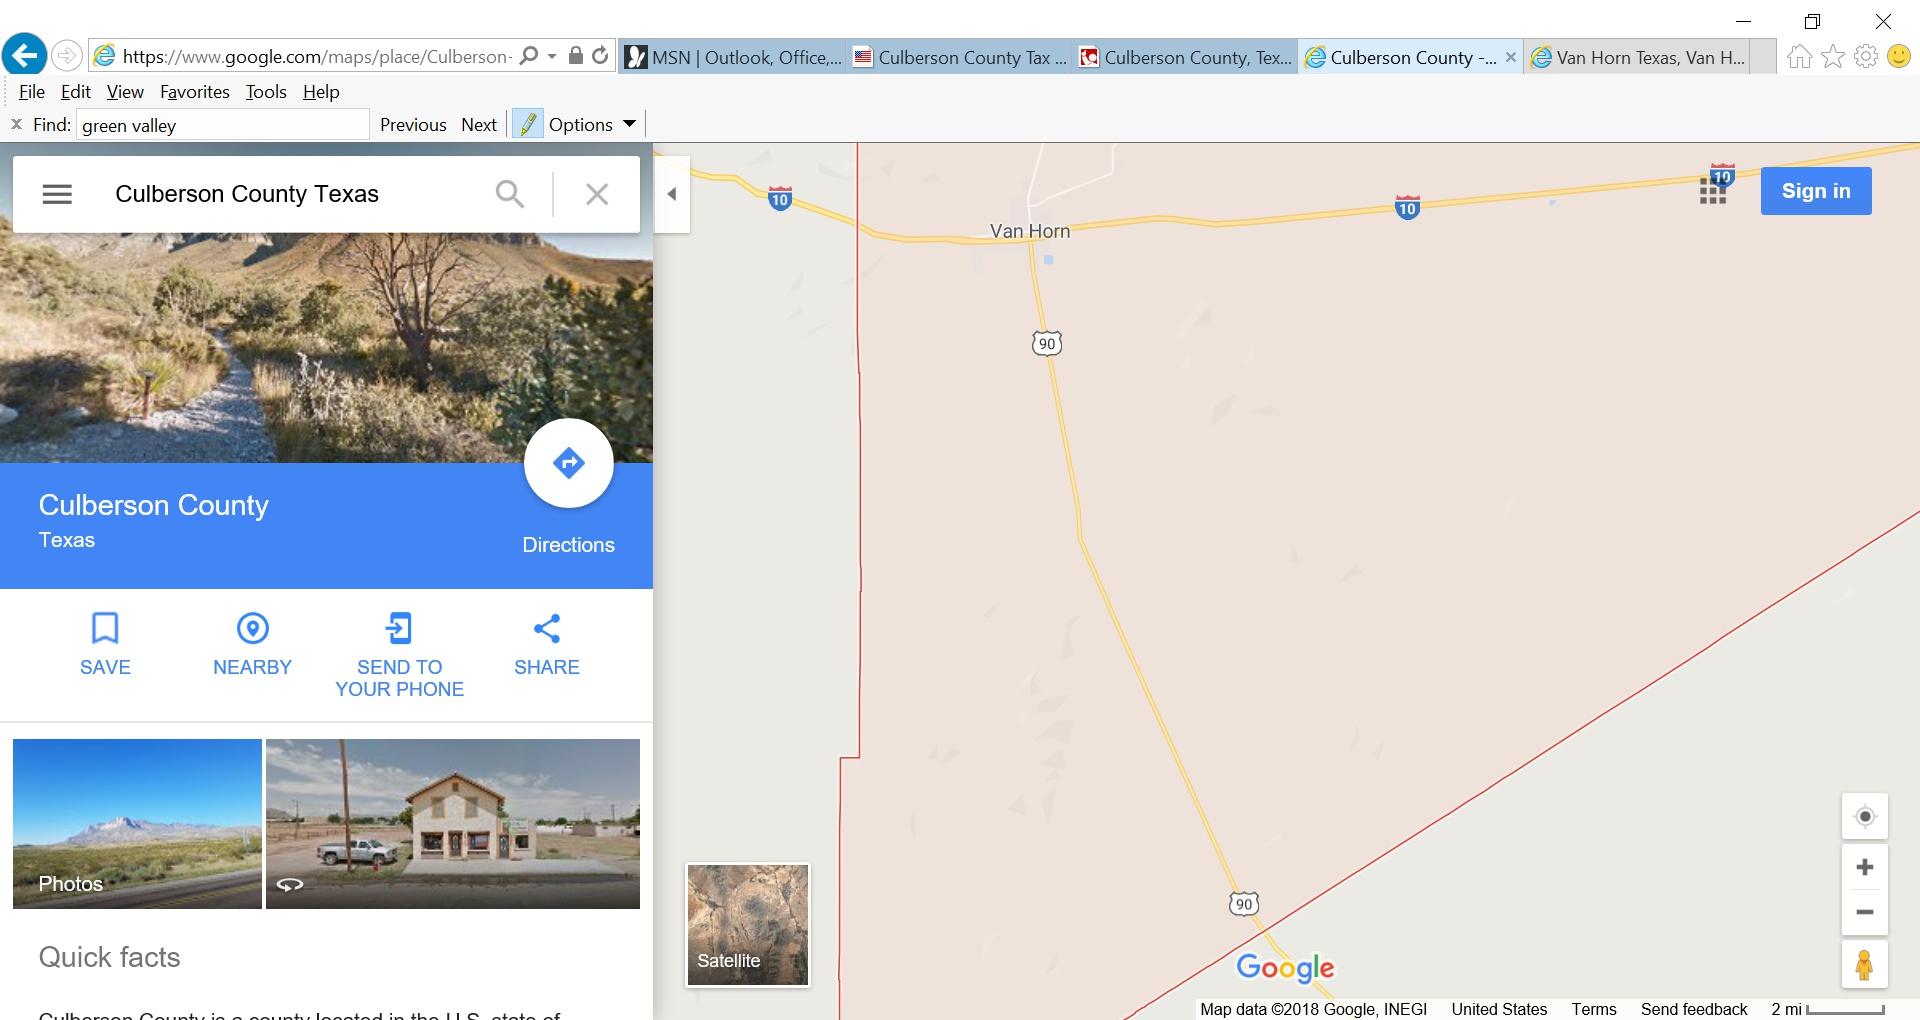 Green Valley Acres Culberson County, Van Horn, Tx 79855 - 4 Photos - Van Horn Texas Map